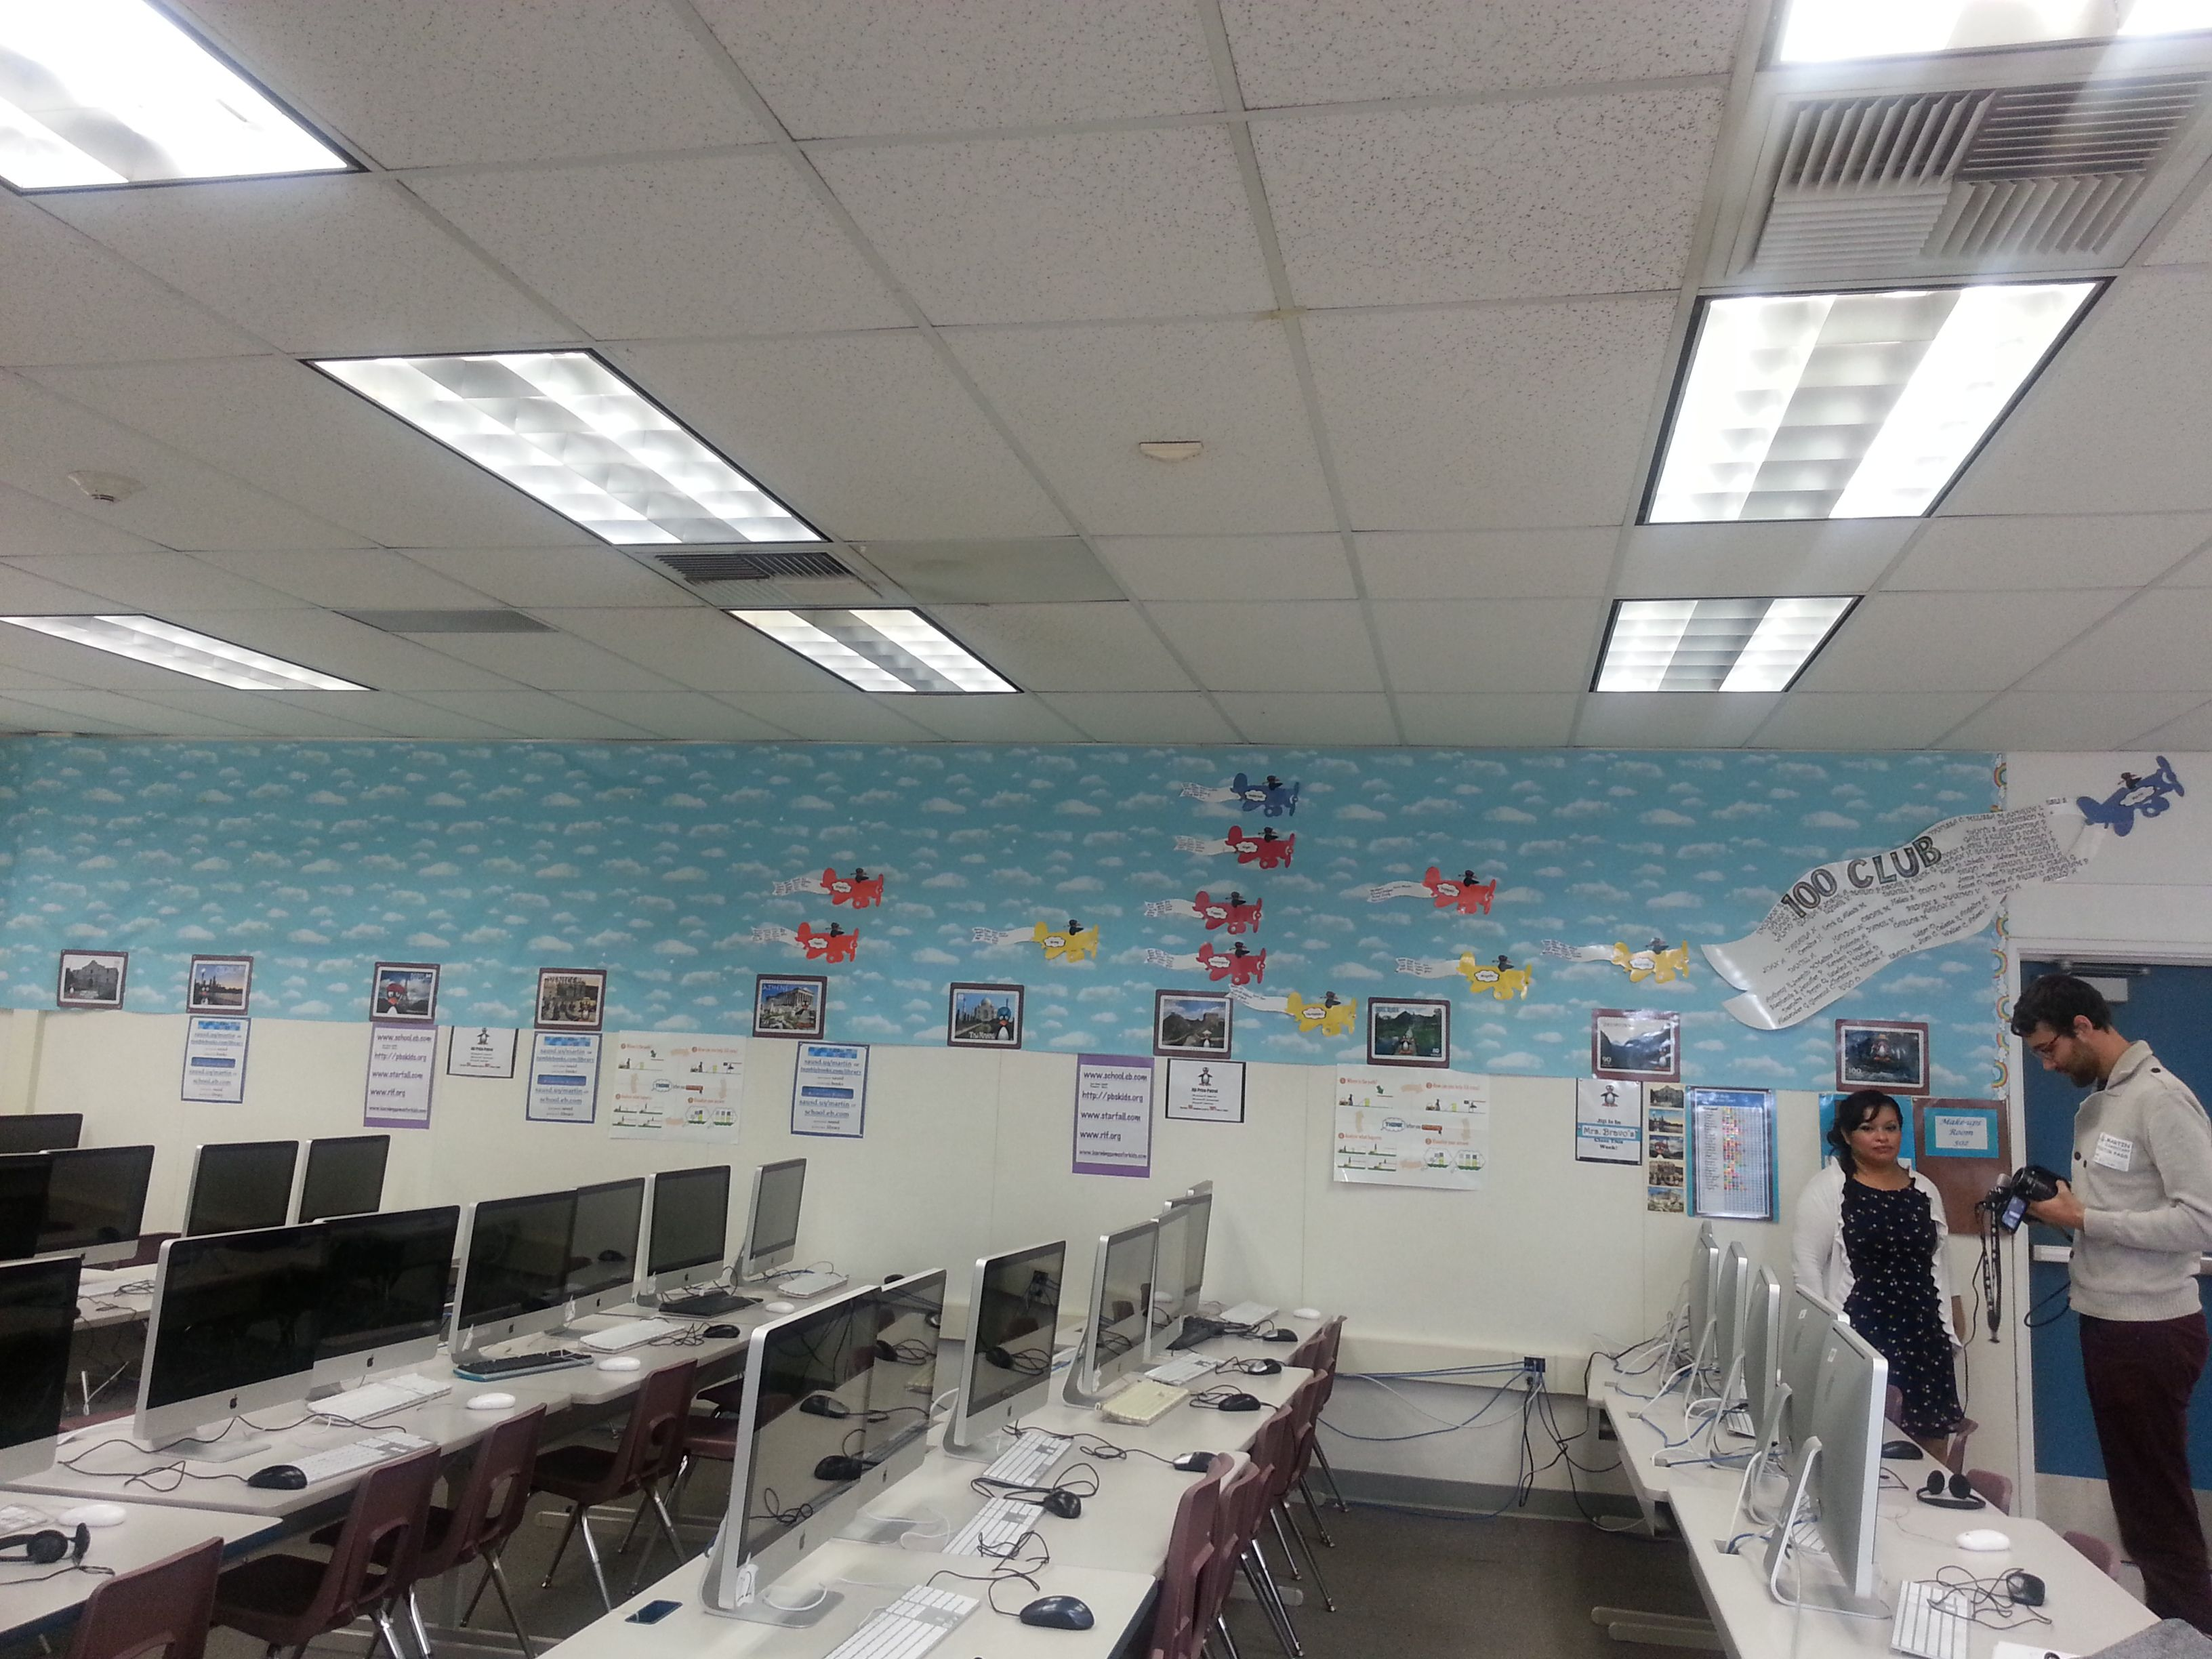 The ST Math progress board at Martin Elementary in Santa Ana, CA ...